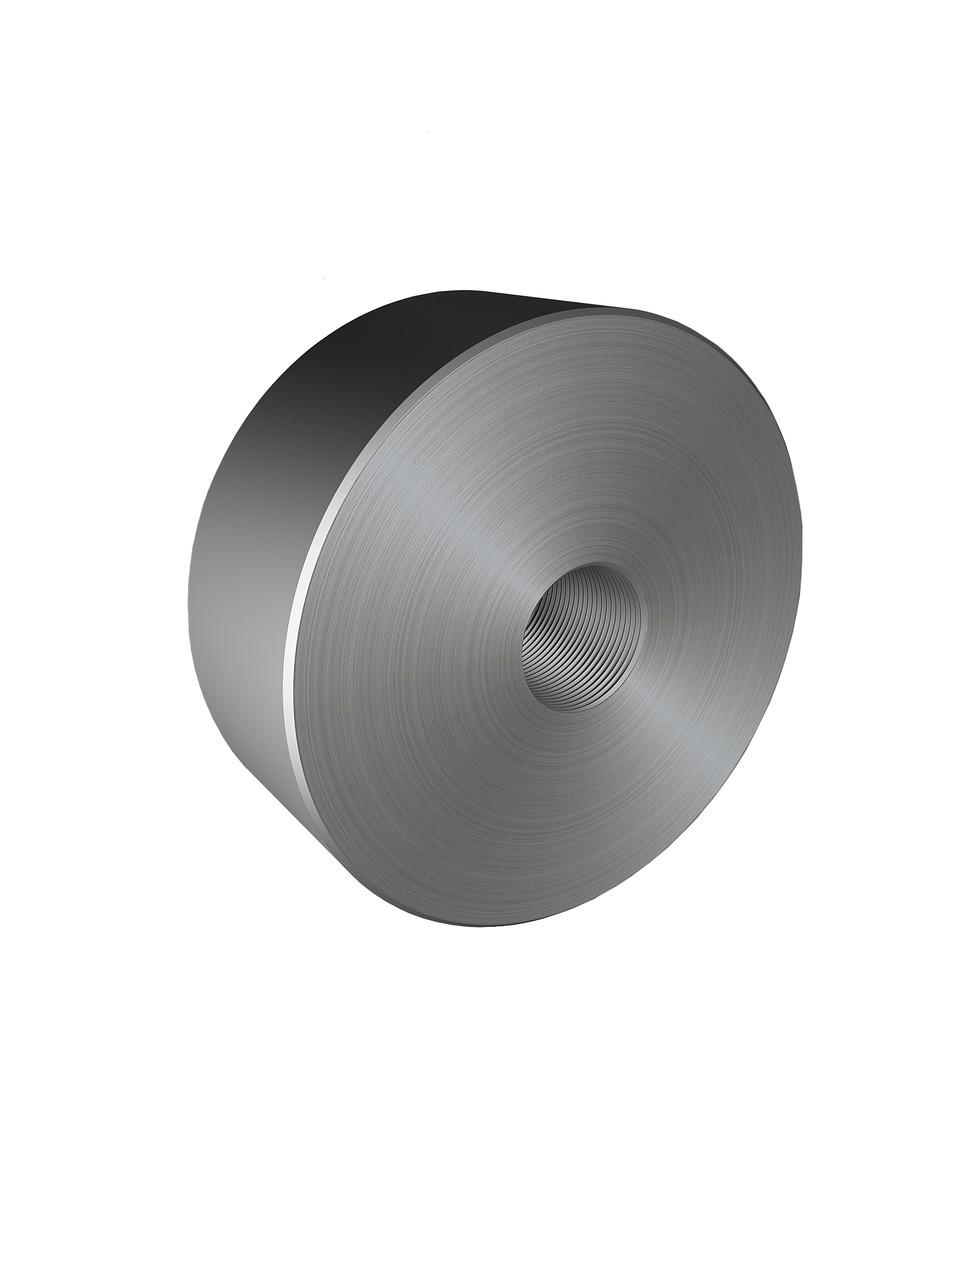 ODF-06-36-01-L20 Дистанція 20 мм для коннектора діаметром 50 мм з різьбою М12, сатин